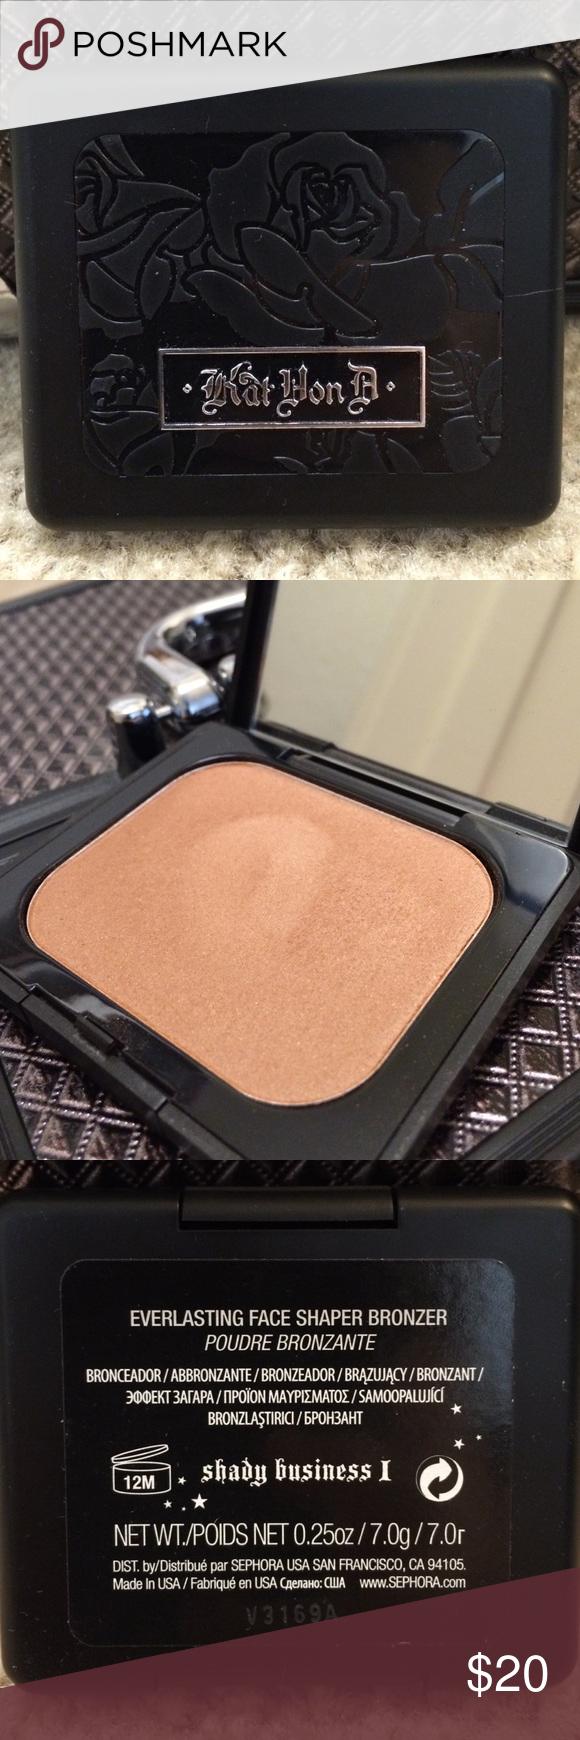 """Kat Von D- Everlasting bronzer (discontinued) Everlasting Face Shaper Bronzer """"shady Business 1"""" Discontinued, swatched only Kat Von D Makeup Bronzer"""